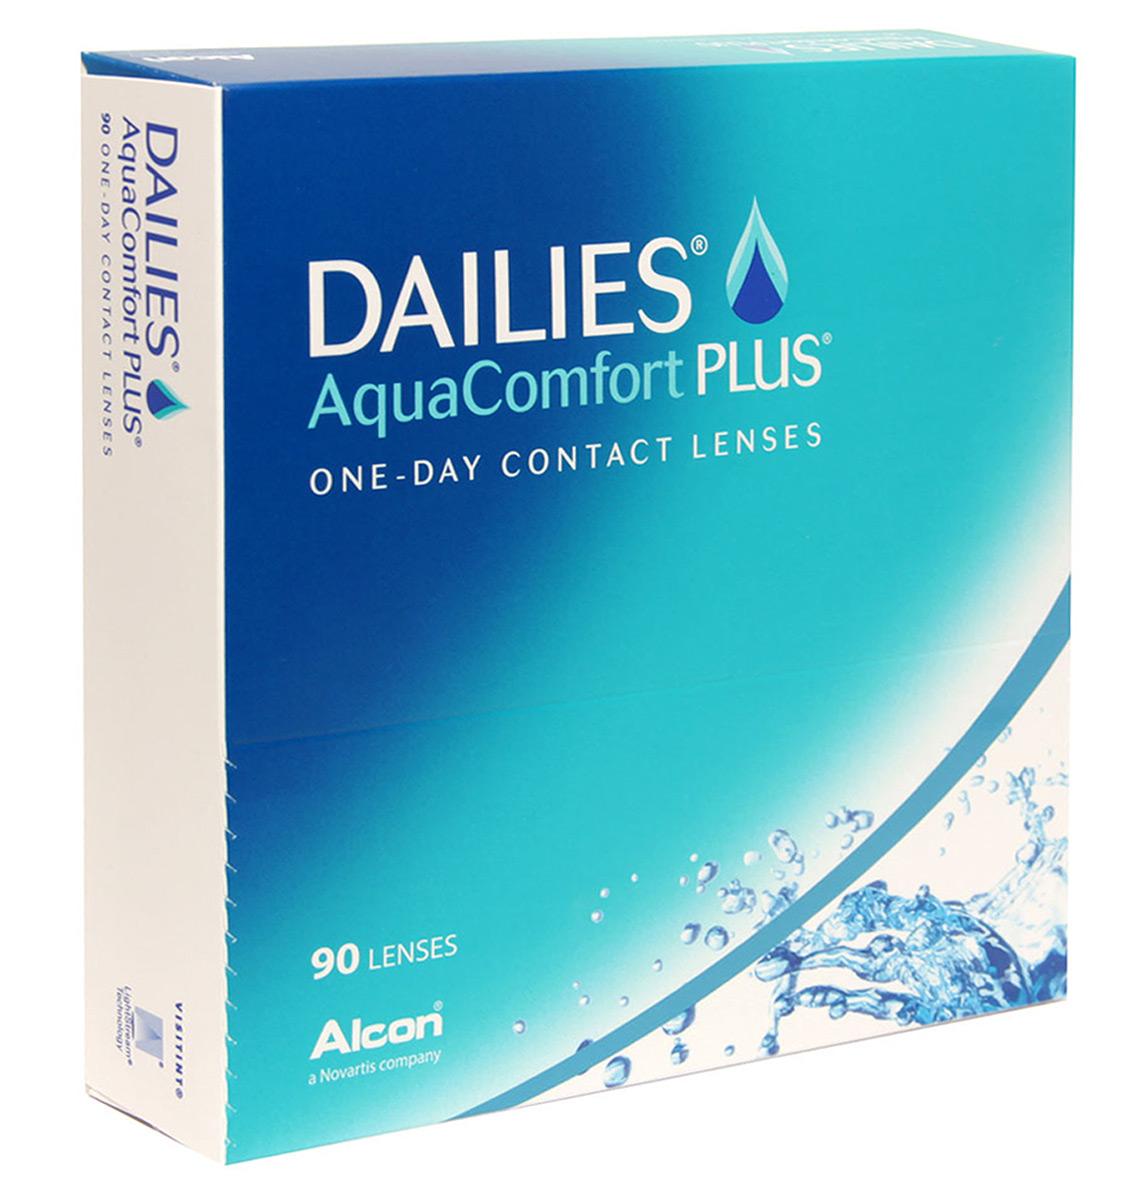 Alcon-CIBA Vision контактные линзы Dailies AquaComfort Plus (90шт / 8.7 / 14.0 / +5.00)4690452042510Dailies Aqua Comfort Plus (90 блистеров) – это одни из самых популярных однодневных линз производства компании CIBA VISION. Эти линзы пользуются огромной популярностью во всем мире и являются на сегодняшний день самыми безопасными контактными линзами. Изготавливаются линзы из современного, 100% безопасного материала нелфилкон А. Особенность этого материала в том, что он легко пропускает воздух и хорошо сохраняет влагу. Однодневные контактные линзы Dailies Aqua Comfort Plus не нуждаются в дополнительном уходе и затратах, каждый день вы надеваете свежую пару линз. Дизайн линзы биосовместимый, что гарантирует безупречный комфорт. Самое главное достоинство Dailies Aqua Comfort Plus – это их уникальная система увлажнения. Благодаря этой разработке линзы увлажняются тремя различными агентами. Первый компонент, ухаживающий за линзами, находится в растворе, он как бы обволакивает линзу, обеспечивая чрезвычайно комфортное надевание. Второй агент выделяется на протяжении всего дня, он непрерывно смачивает линзы. Третий – увлажняющий агент, выделяется во время моргания, благодаря ему поддерживается постоянный комфорт. Также линзы имеют УФ-фильтр, который будет заботиться о ваших глазах. Dailies Aqua Comfort Plus одни из лучших линз в своей категории. Всемирно известная компания CIBAVISION, создавая эти контактные линзы, попыталась учесть все потребности пациентов и ей это удалось!Кривизна, Mm: /8.7/.Оптическая сила,mm: +5.00.Содержание воды, %: 69.Контактные линзы или очки: советы офтальмологов. Статья OZON Гид